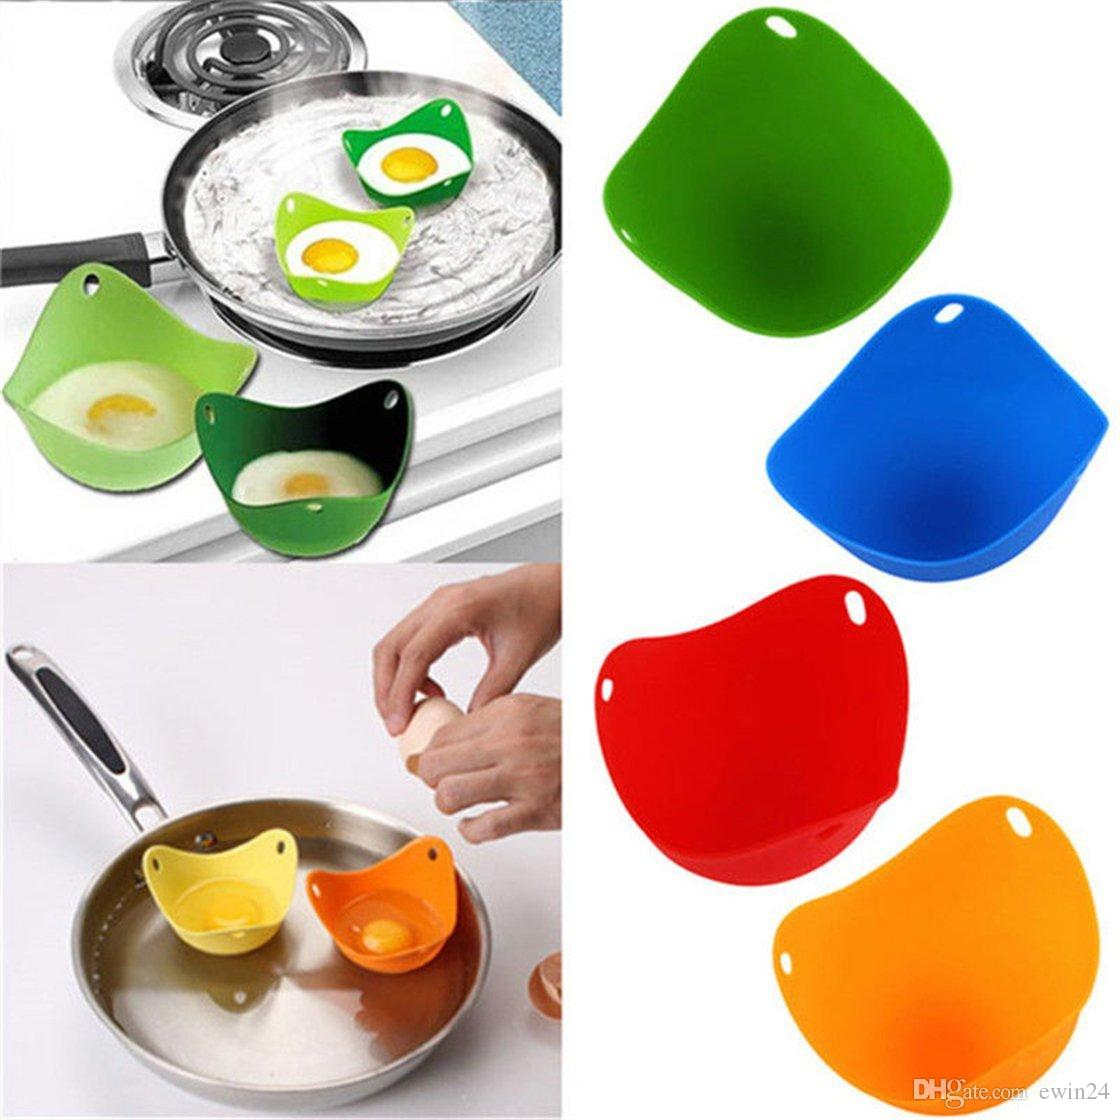 4X кухня силиконовые яйцо браконьер чашки с кольцом Стендеры плесень чаша форма блин кухня кулинария инструменты